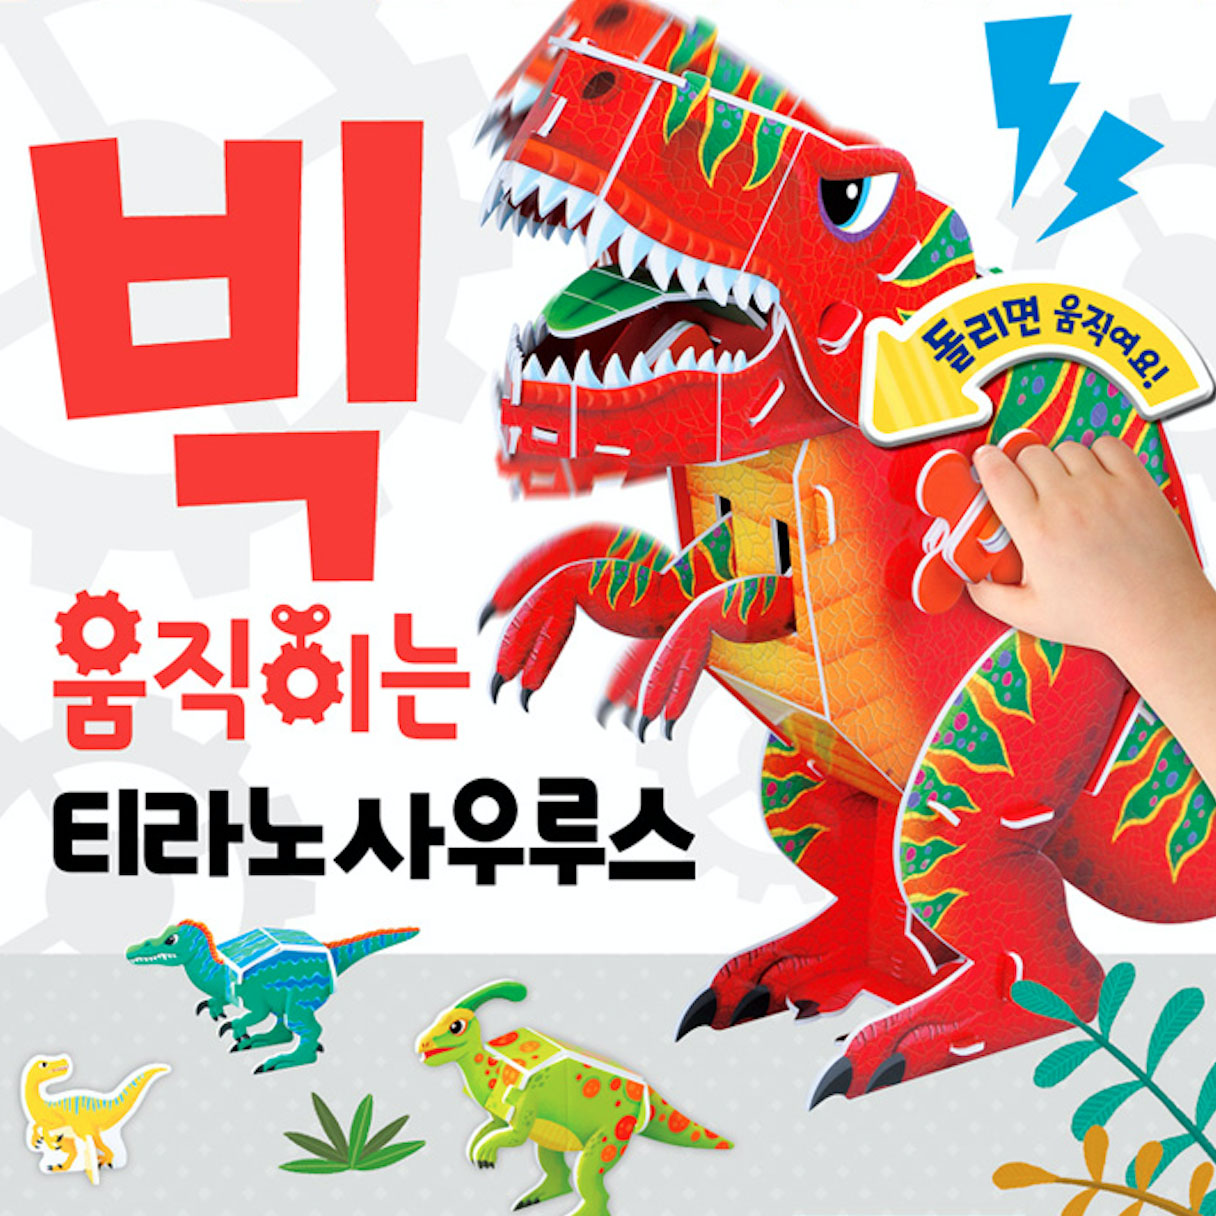 DIY Paper Craft Building Kit – Titanosaurus